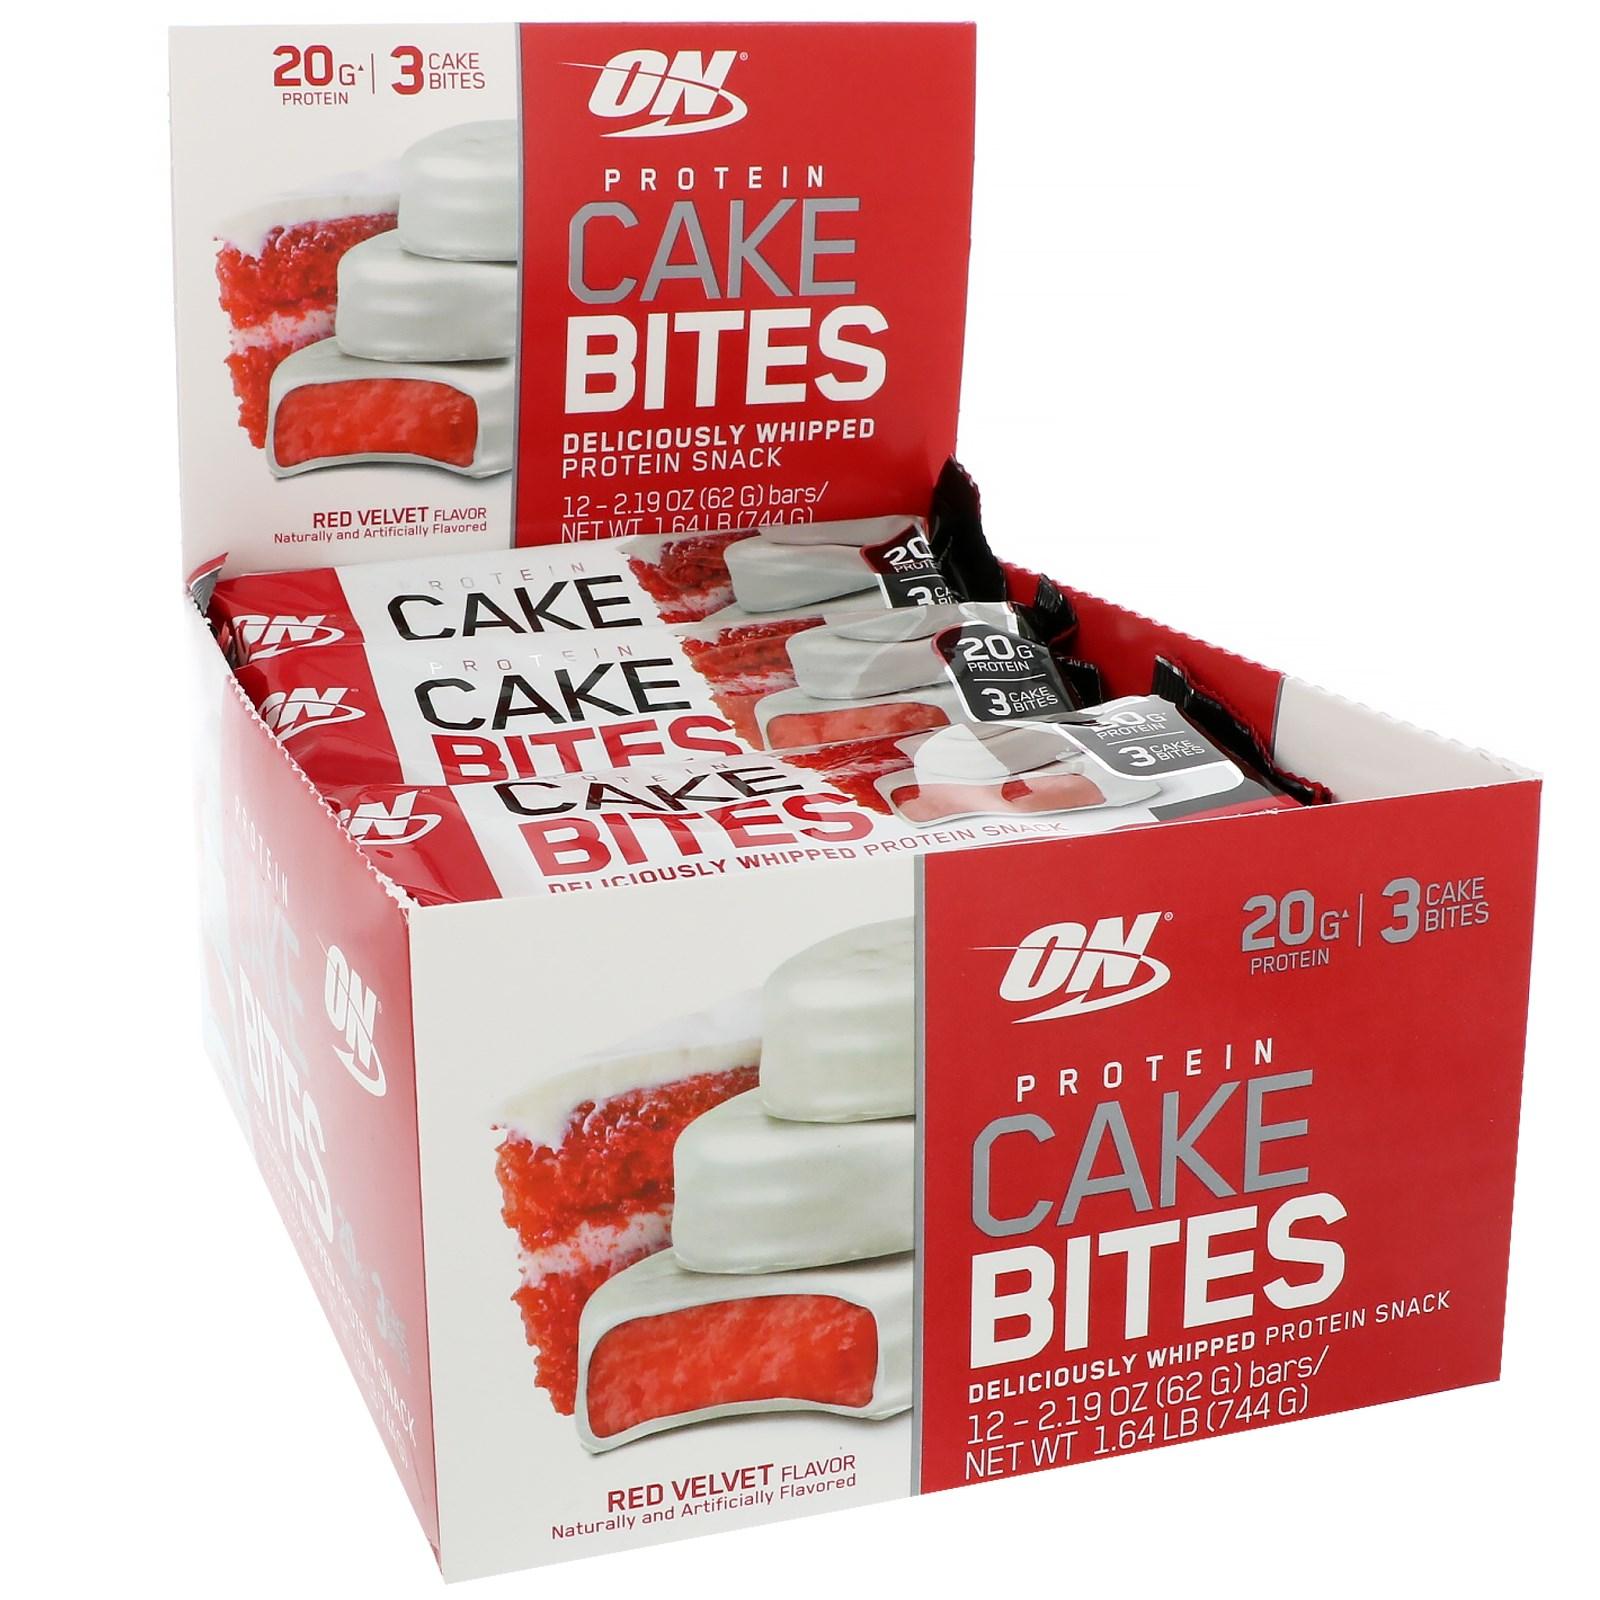 Red Velvet Cake Bites Optimum Nutrition